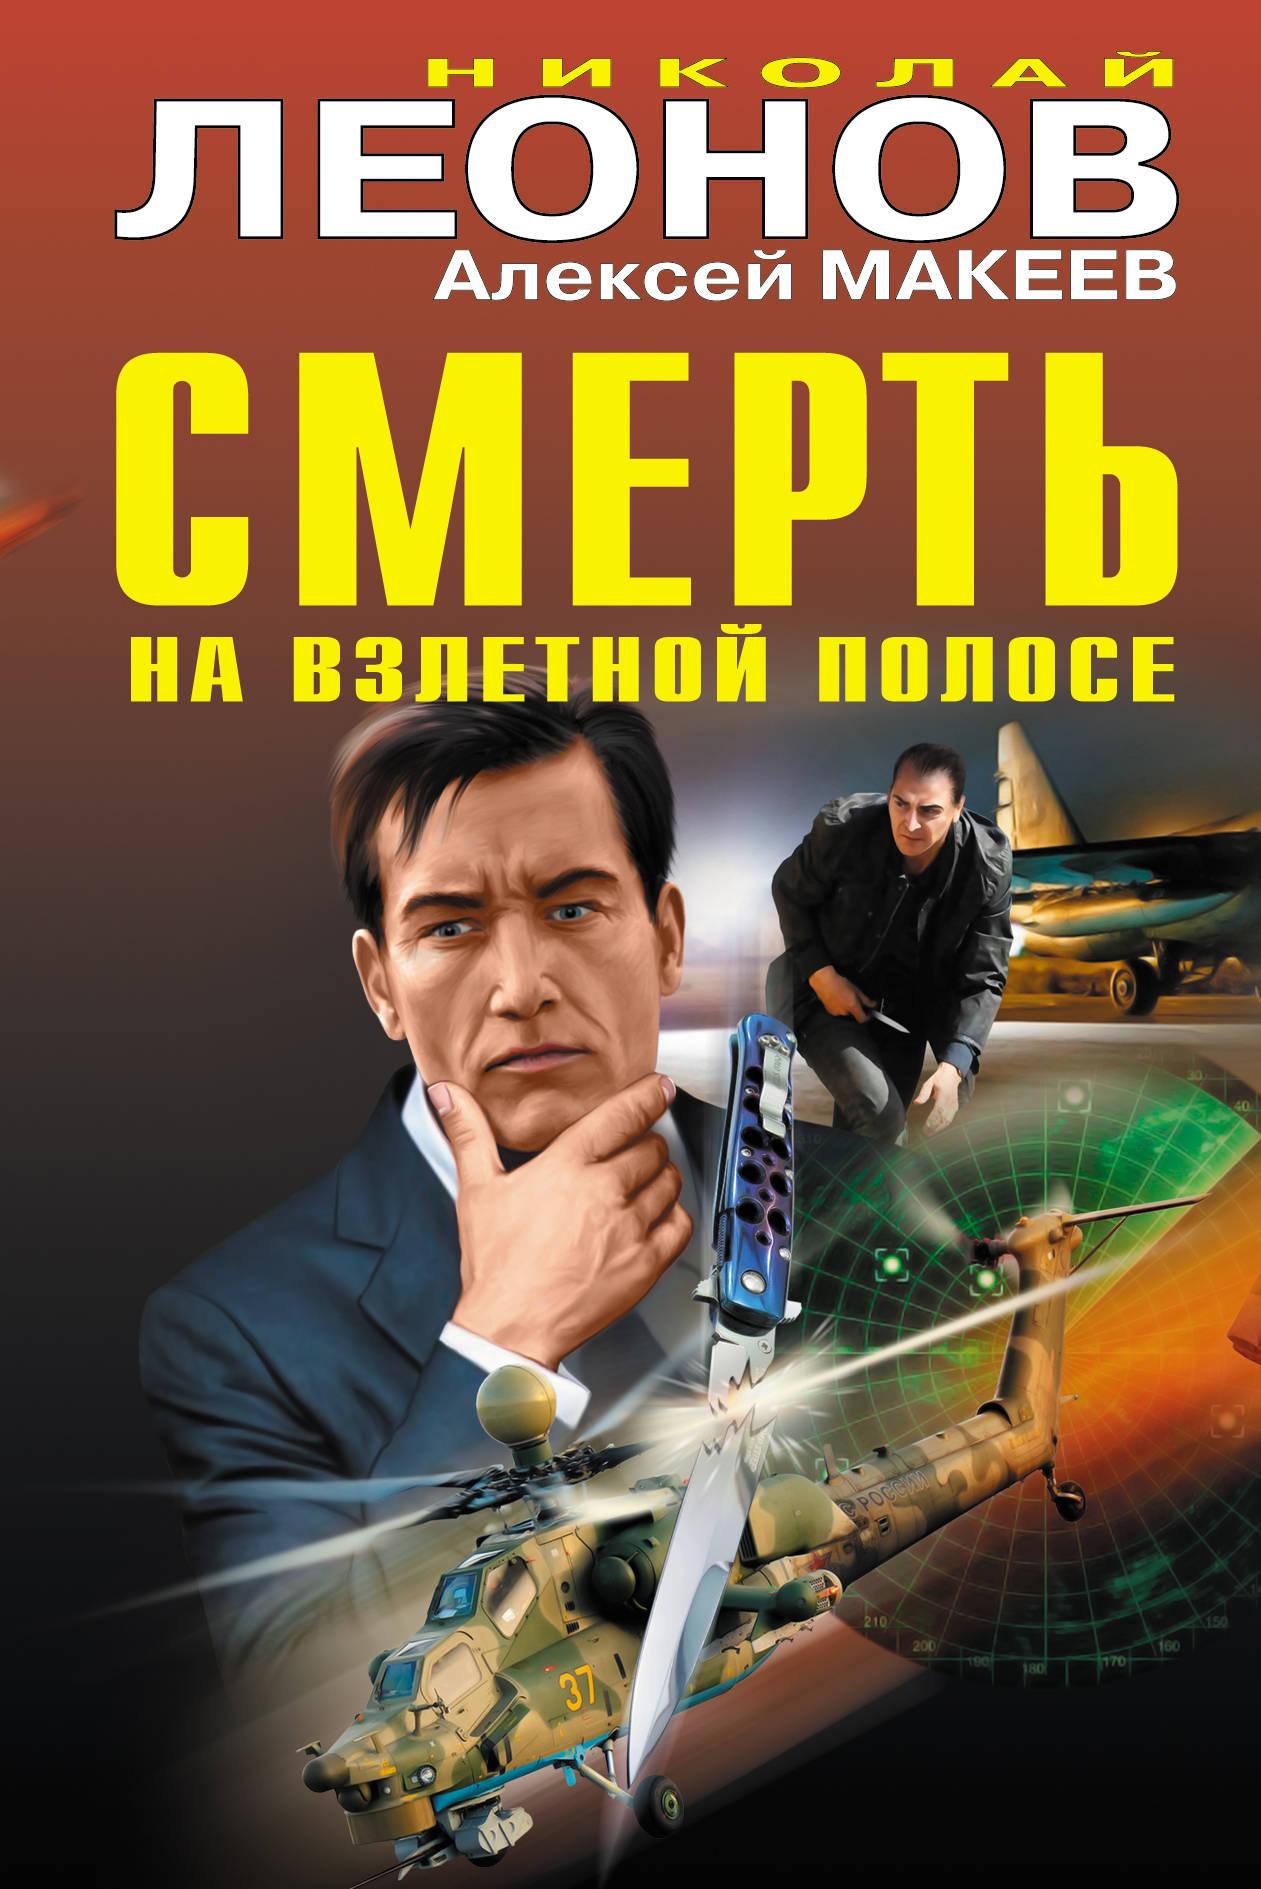 Николай Леонов, Алексей Макеев Смерть на взлетной полосе